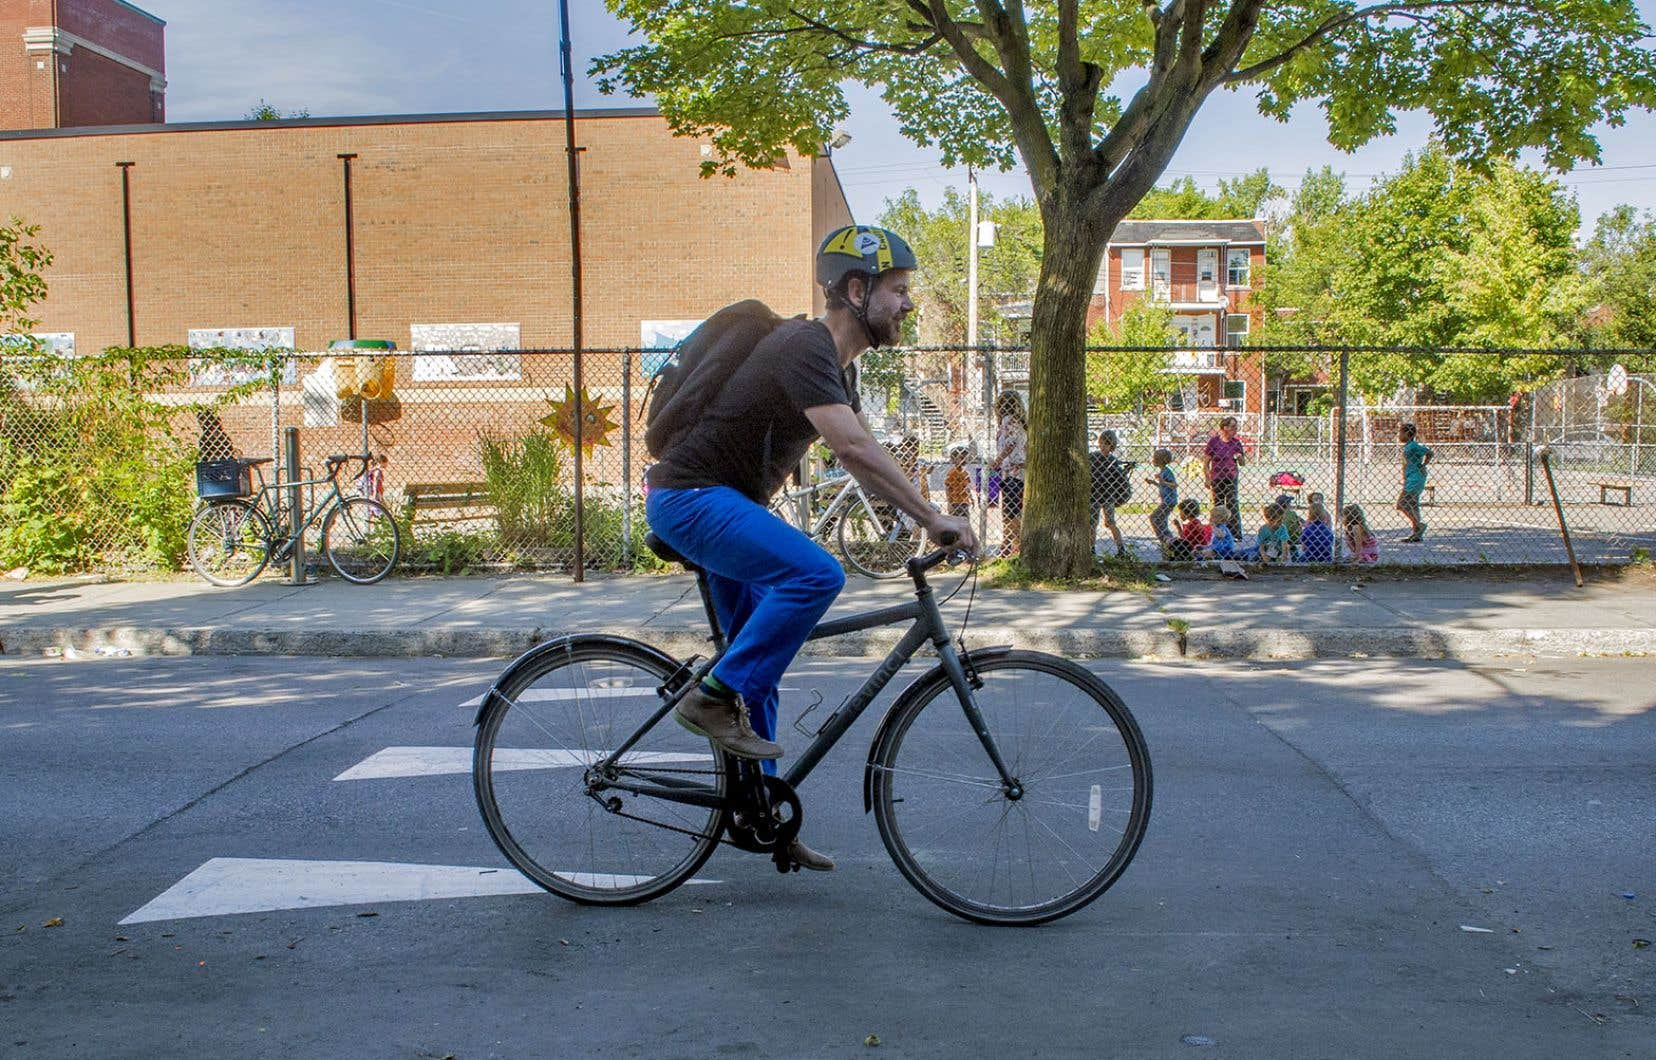 D'ici trois ans, Rosemont–La Petite-Patrie réaménagera les 90 kilomètres de voies cyclables existantes et ajoutera 65 kilomètres de pistes protégées, a annoncé le maire François Croteau jeudi.